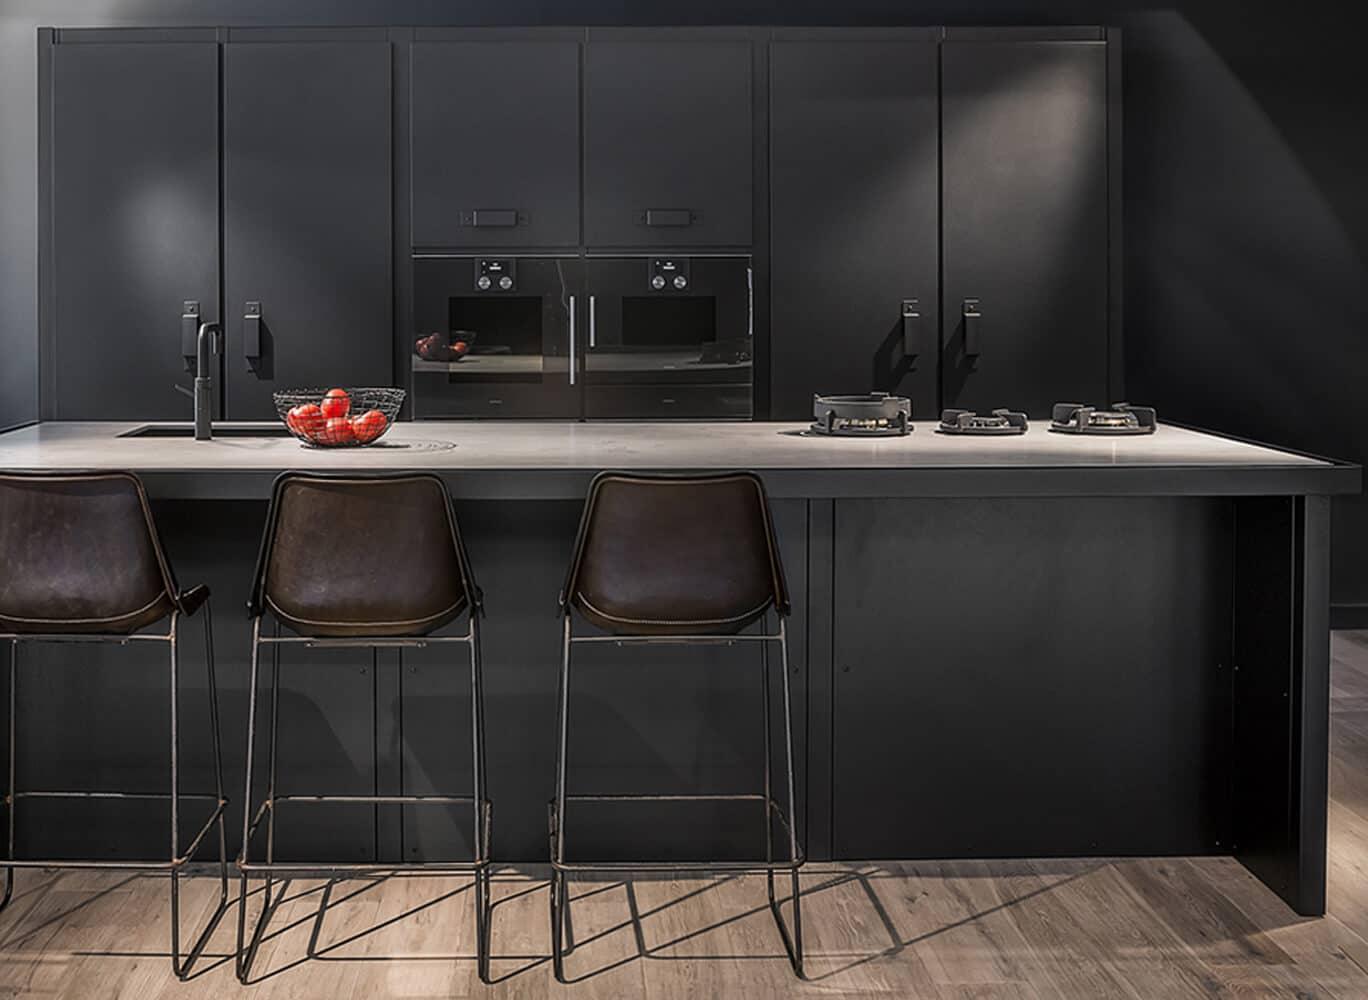 Pitt cooking zwarte keuken